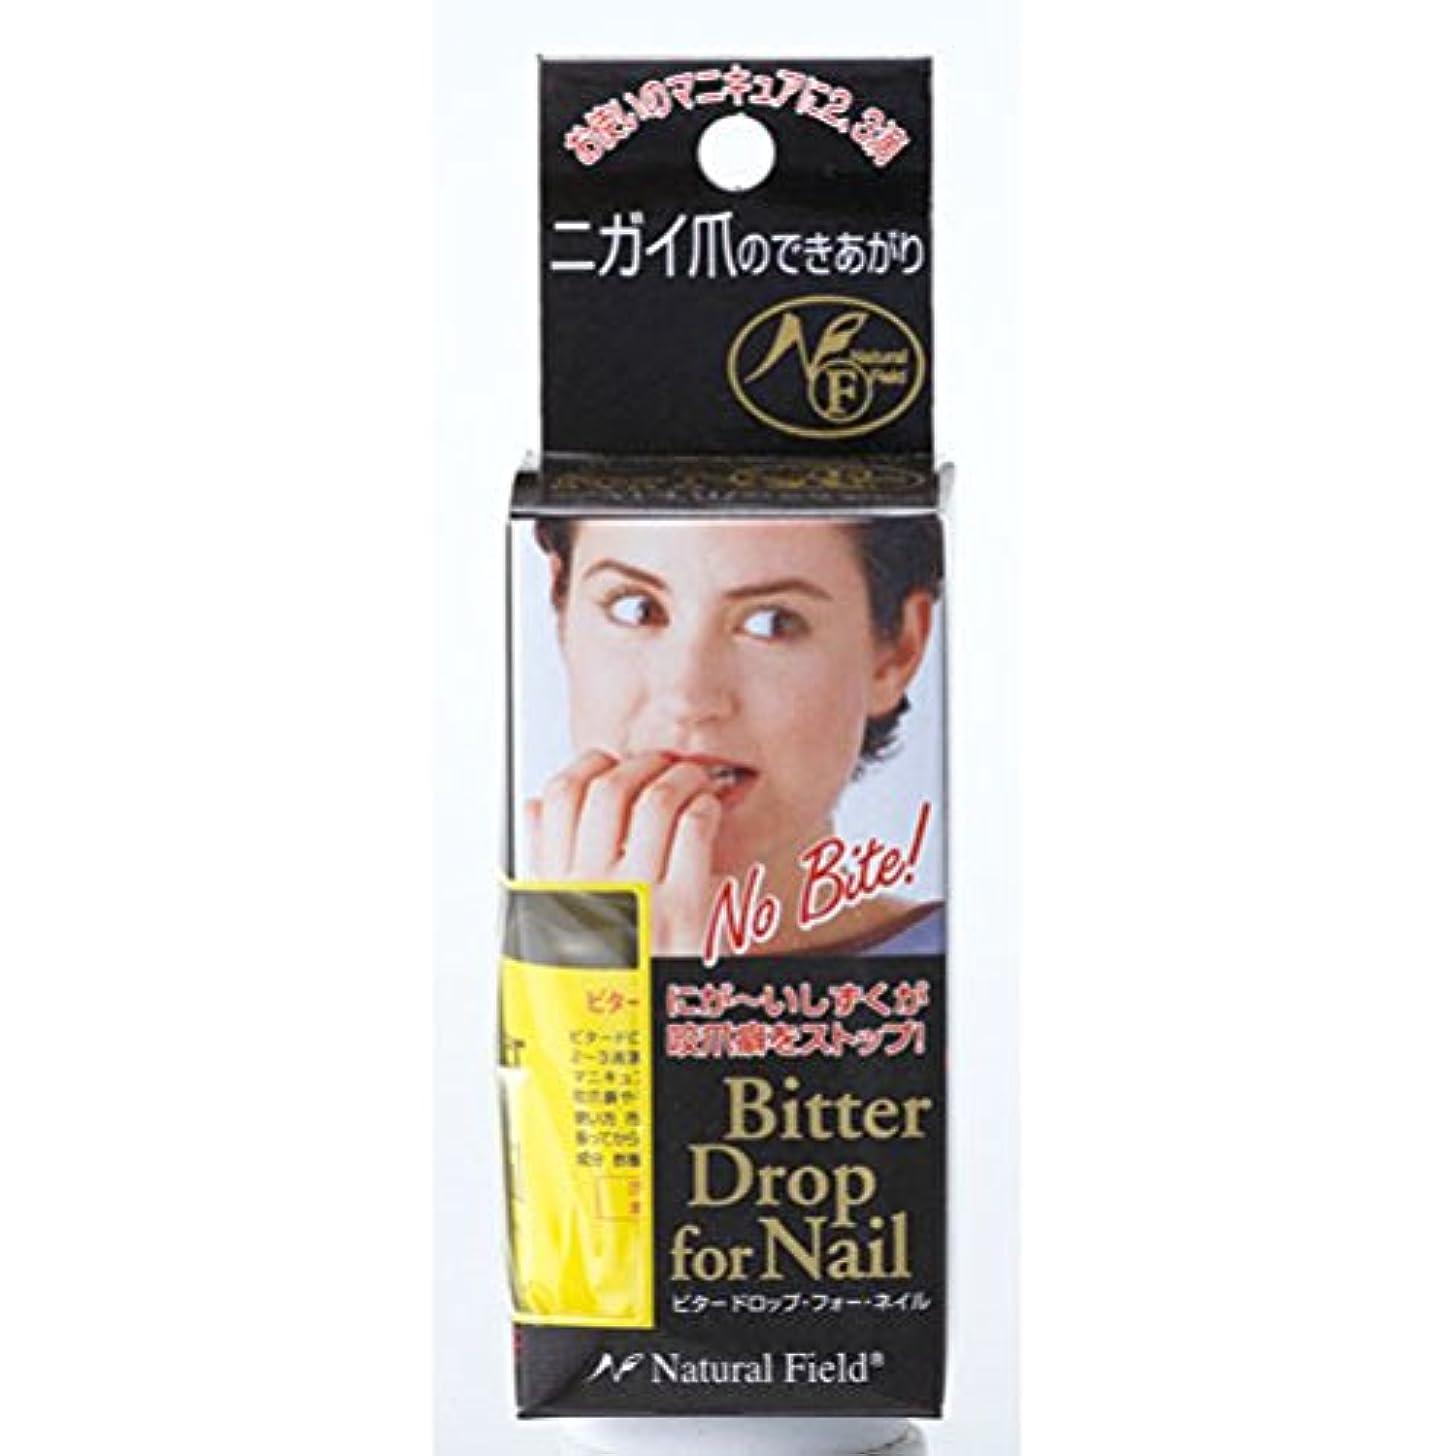 息子正確にお肉Natural Field ビターフォードロップ 20ml 「咬爪癖防止」商品